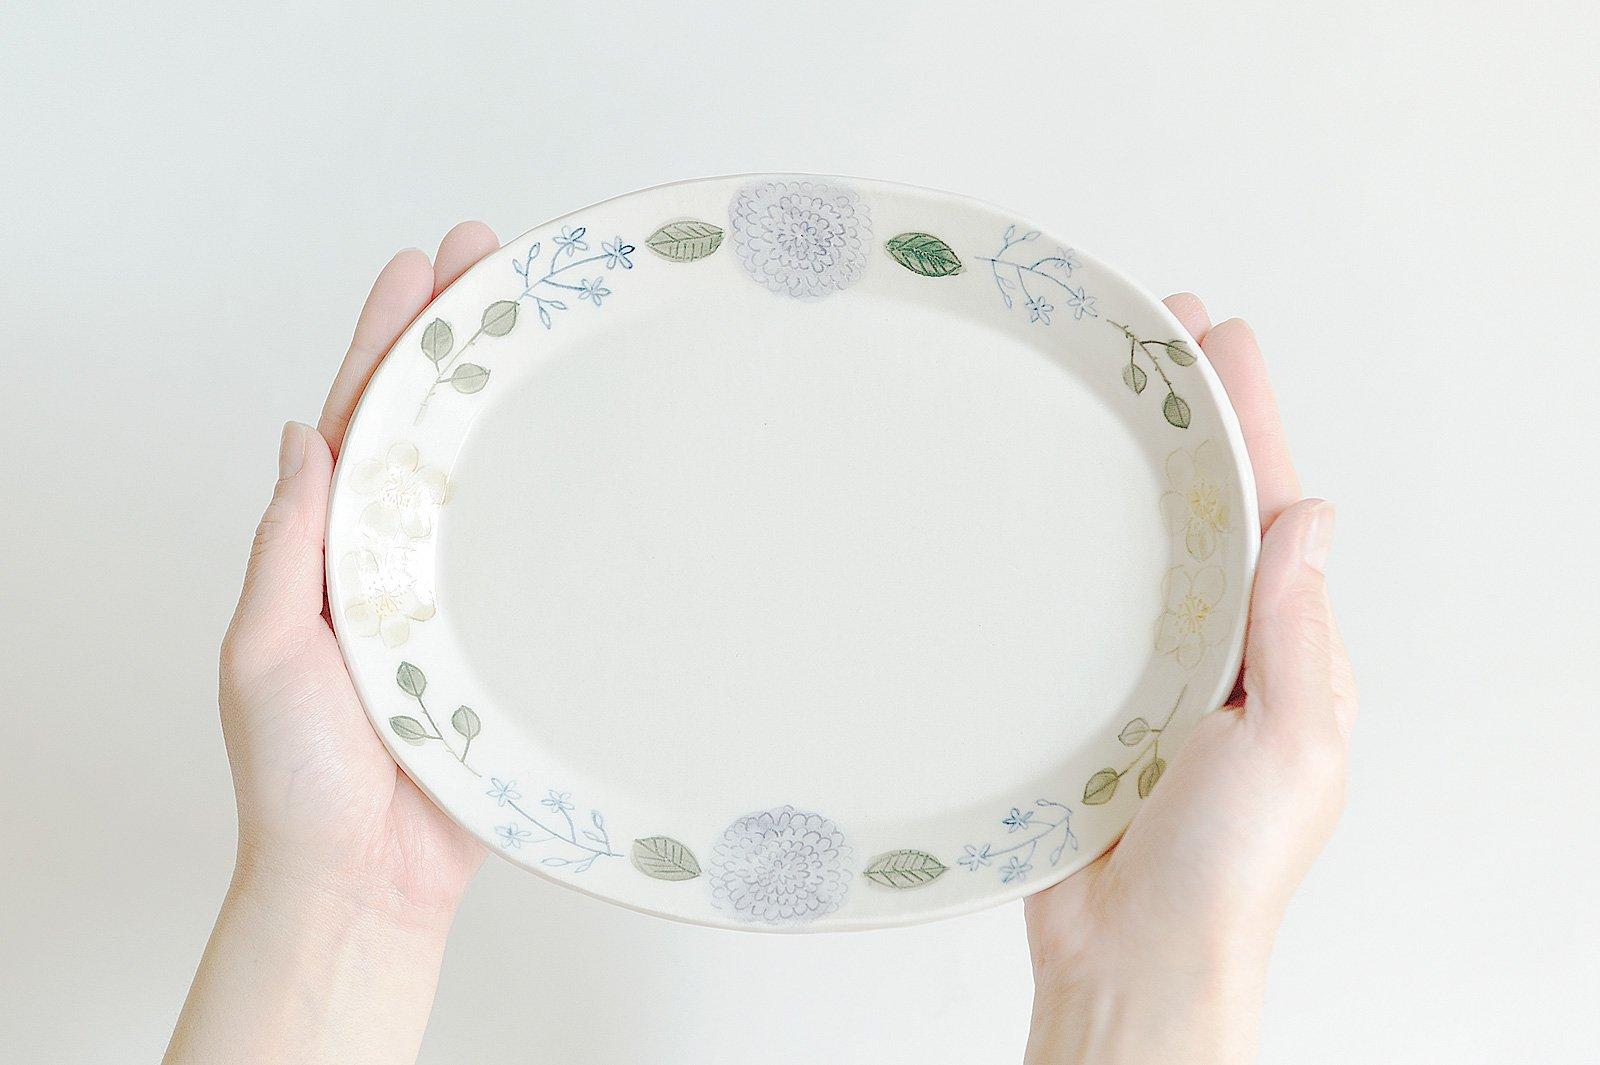 楕円皿 - ダリア